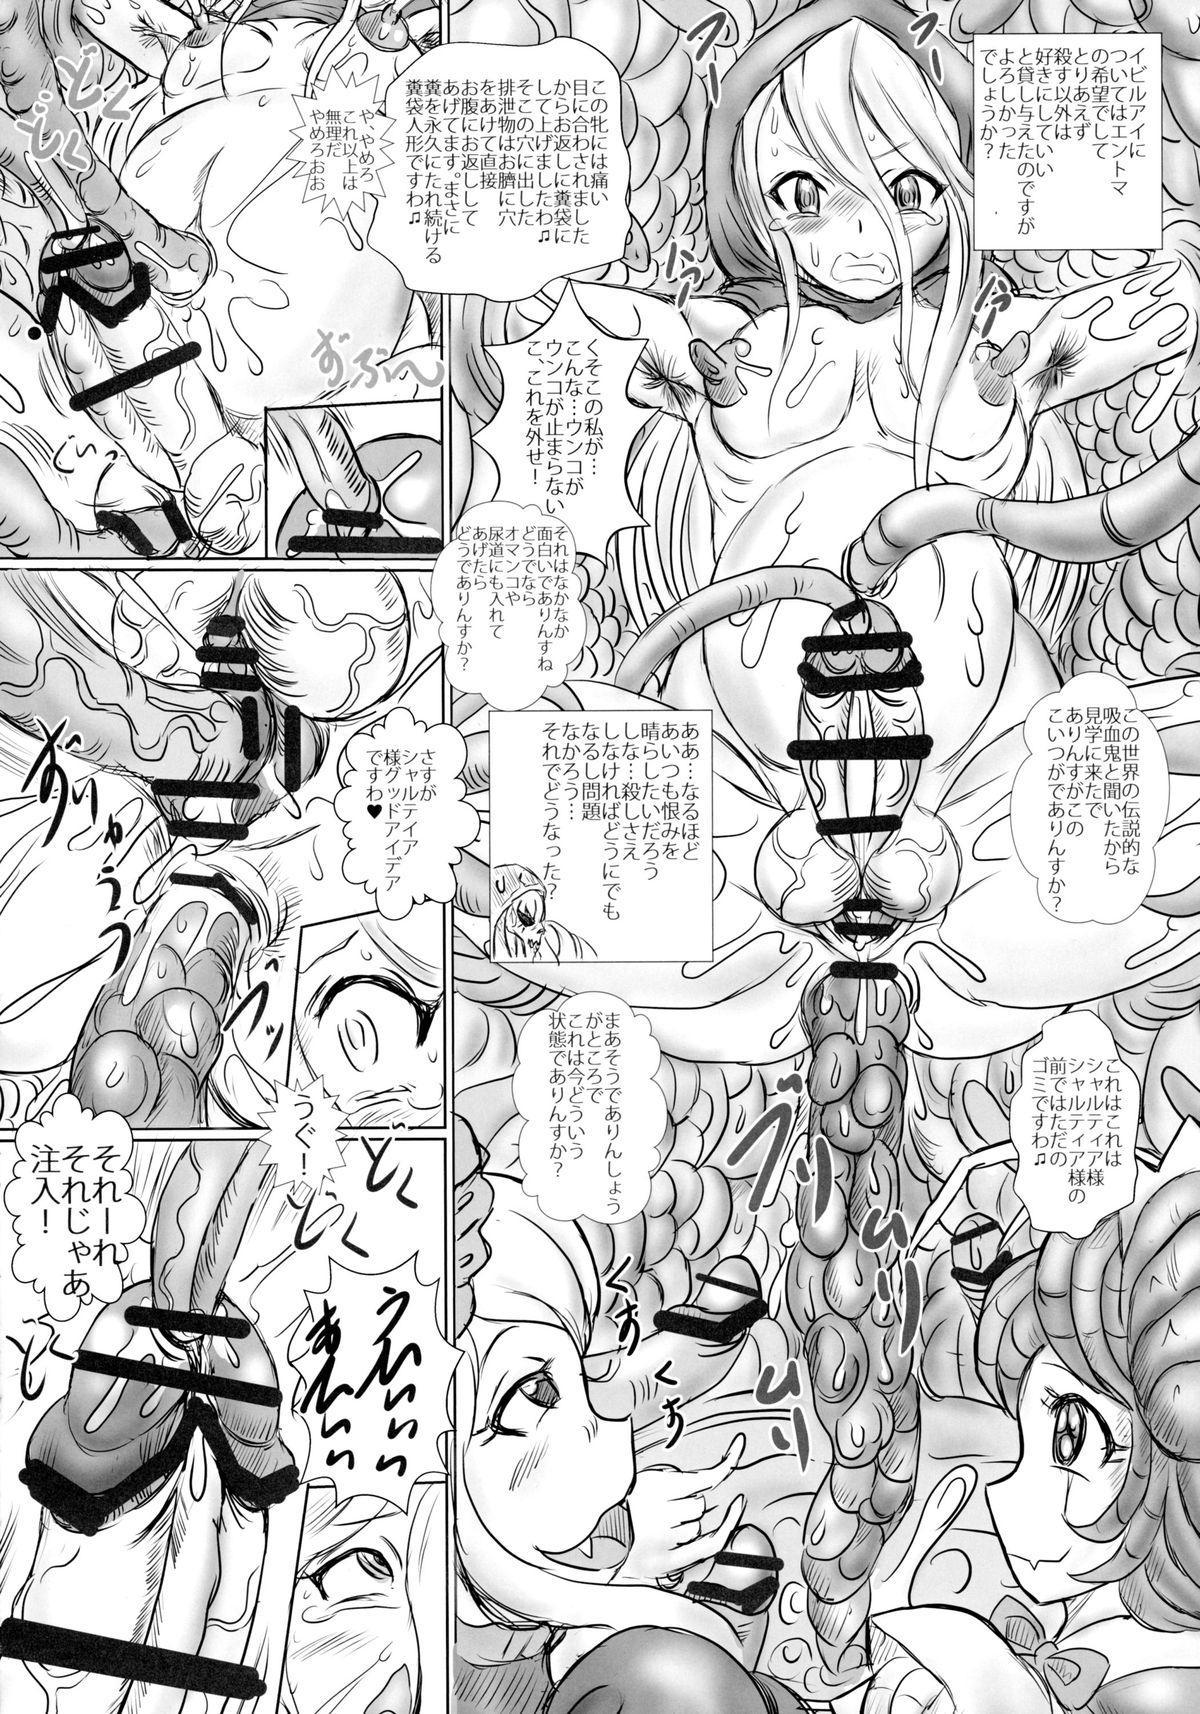 Oideyo! Nazarick no Futanari Bokujou 7